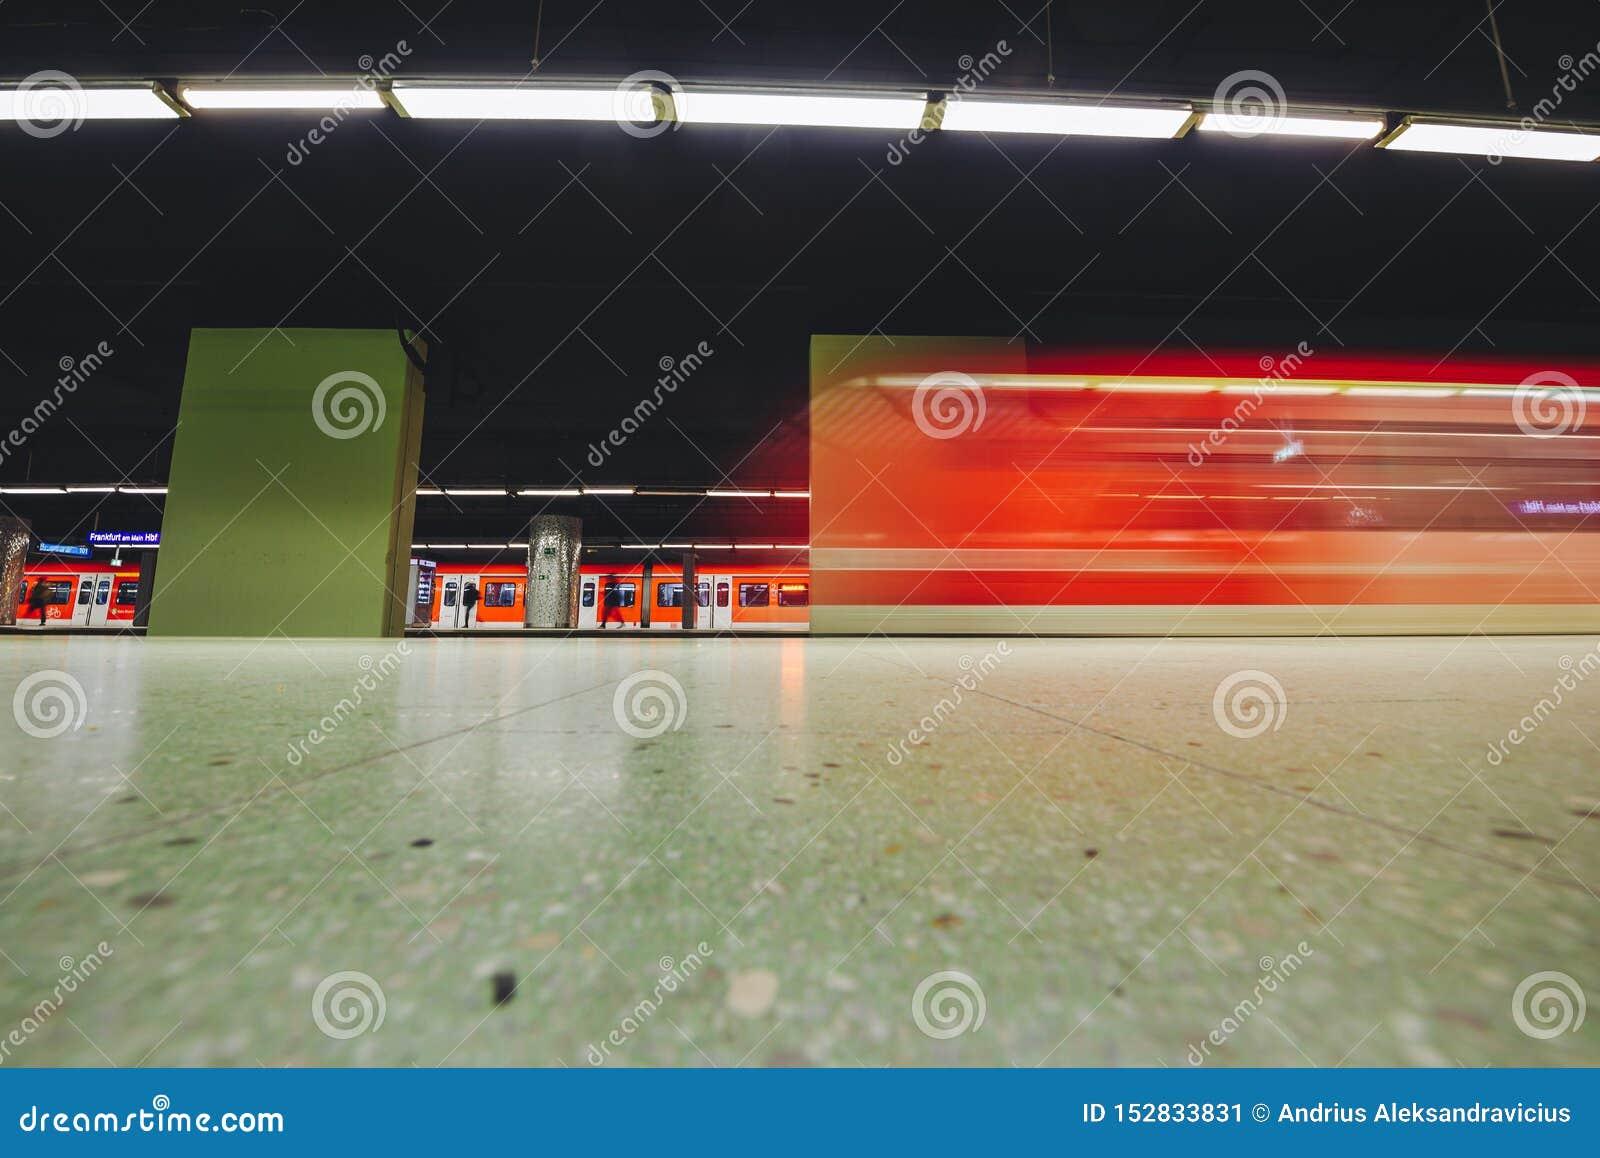 Metro chasing underground station, Frankfurt, Germany